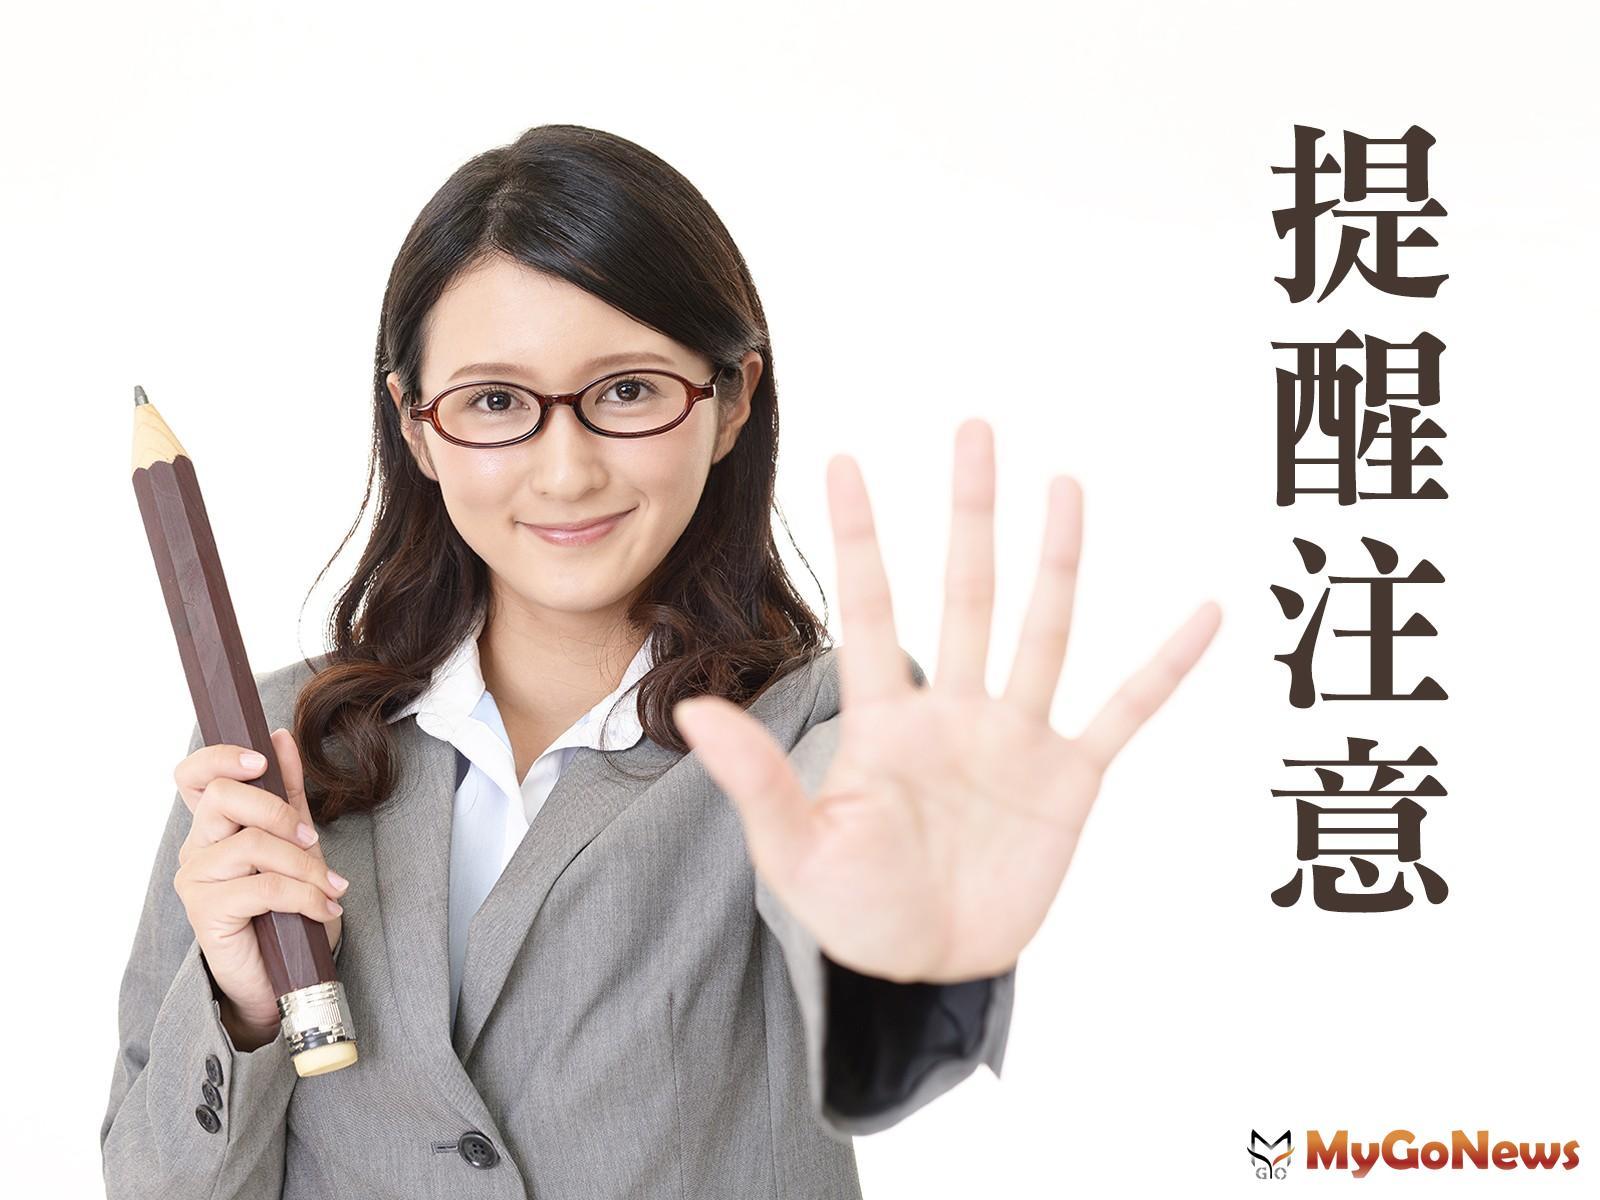 台北市都市更新案件土地建築線與地籍線預檢作業5月1日率先全國開始試辦 MyGoNews房地產新聞 區域情報